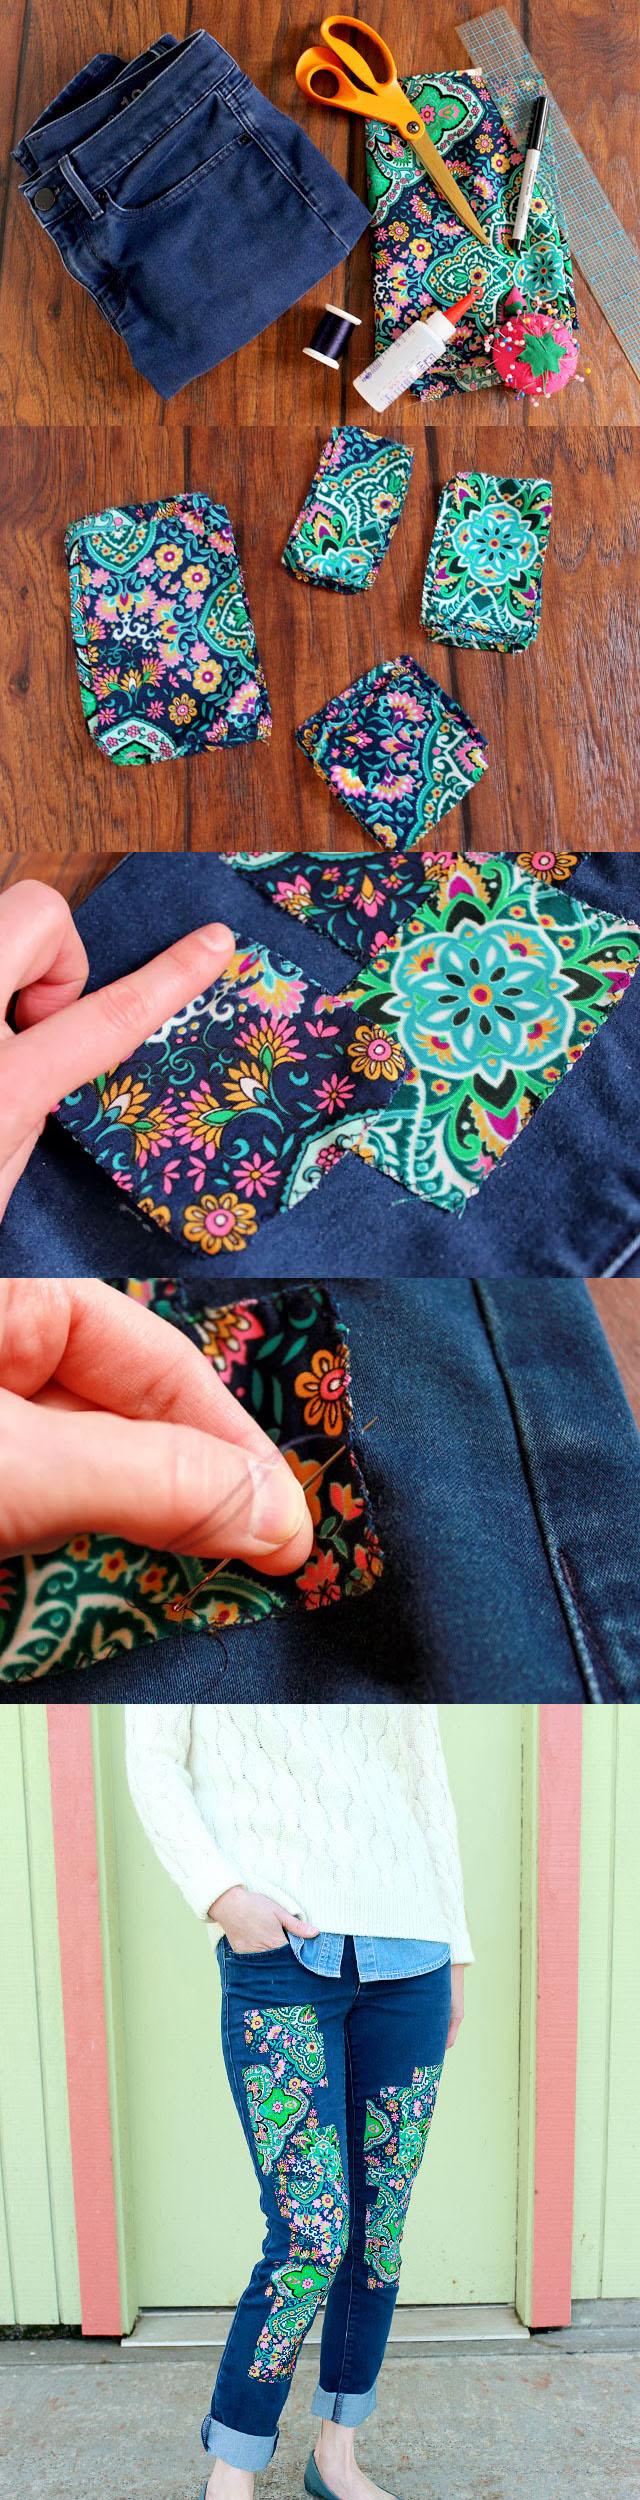 DIY Clothes | Fashionista Pieces